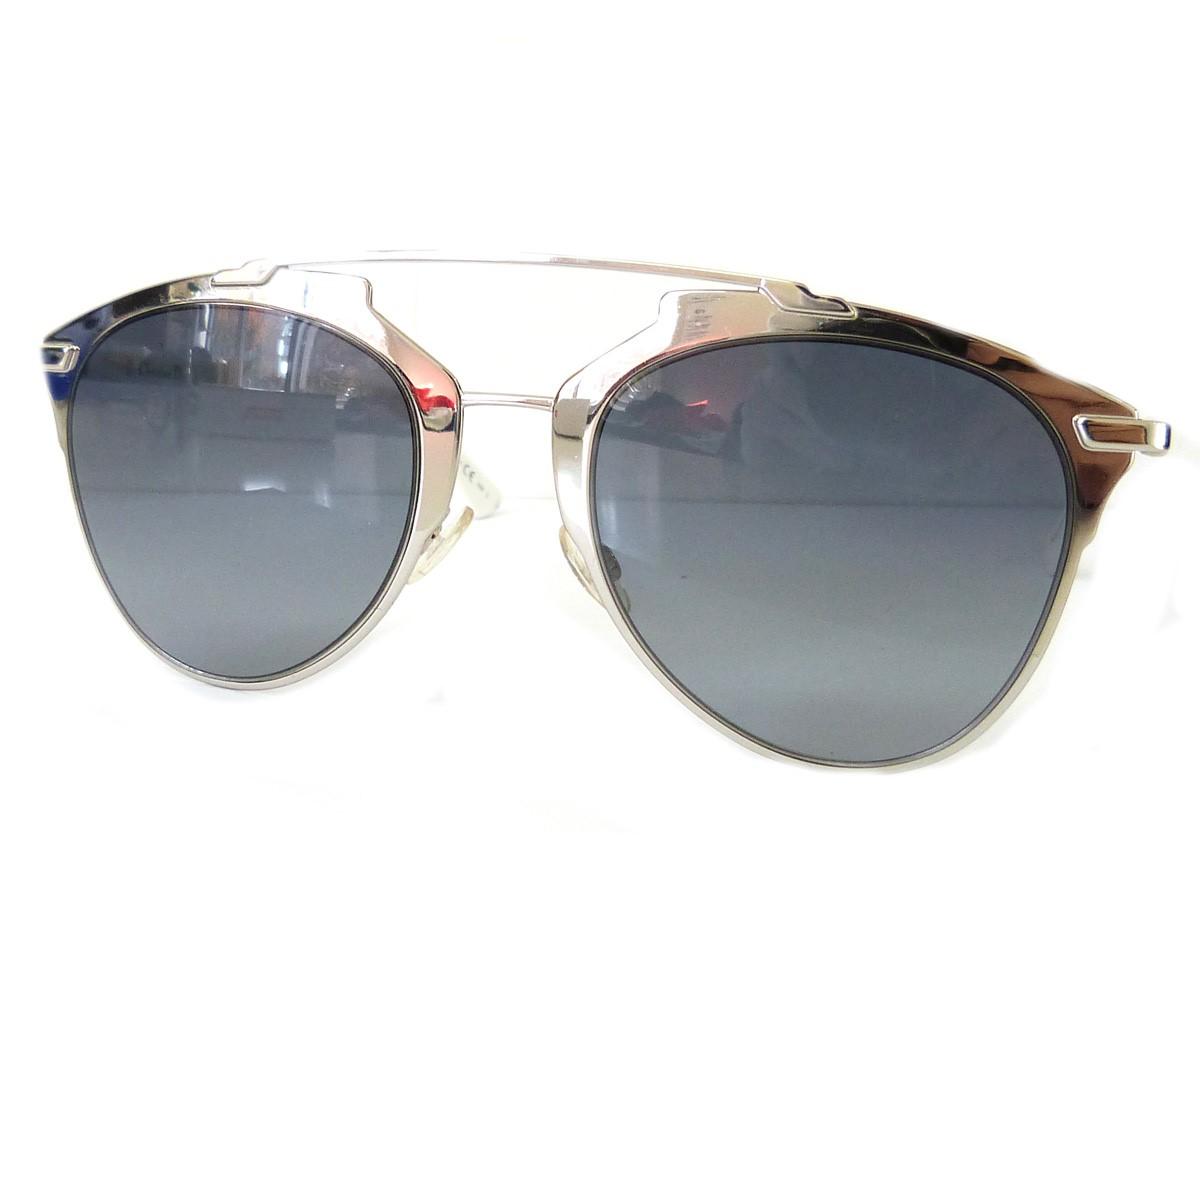 【大放出セール】 【中古】Christian Dior 「85LHD」サングラス ブラックxシルバーxホワイト サイズ:52□21【送料無料】 Dior【131218】(クリスチャンディオール), Deal:5332705b --- totem-info.com